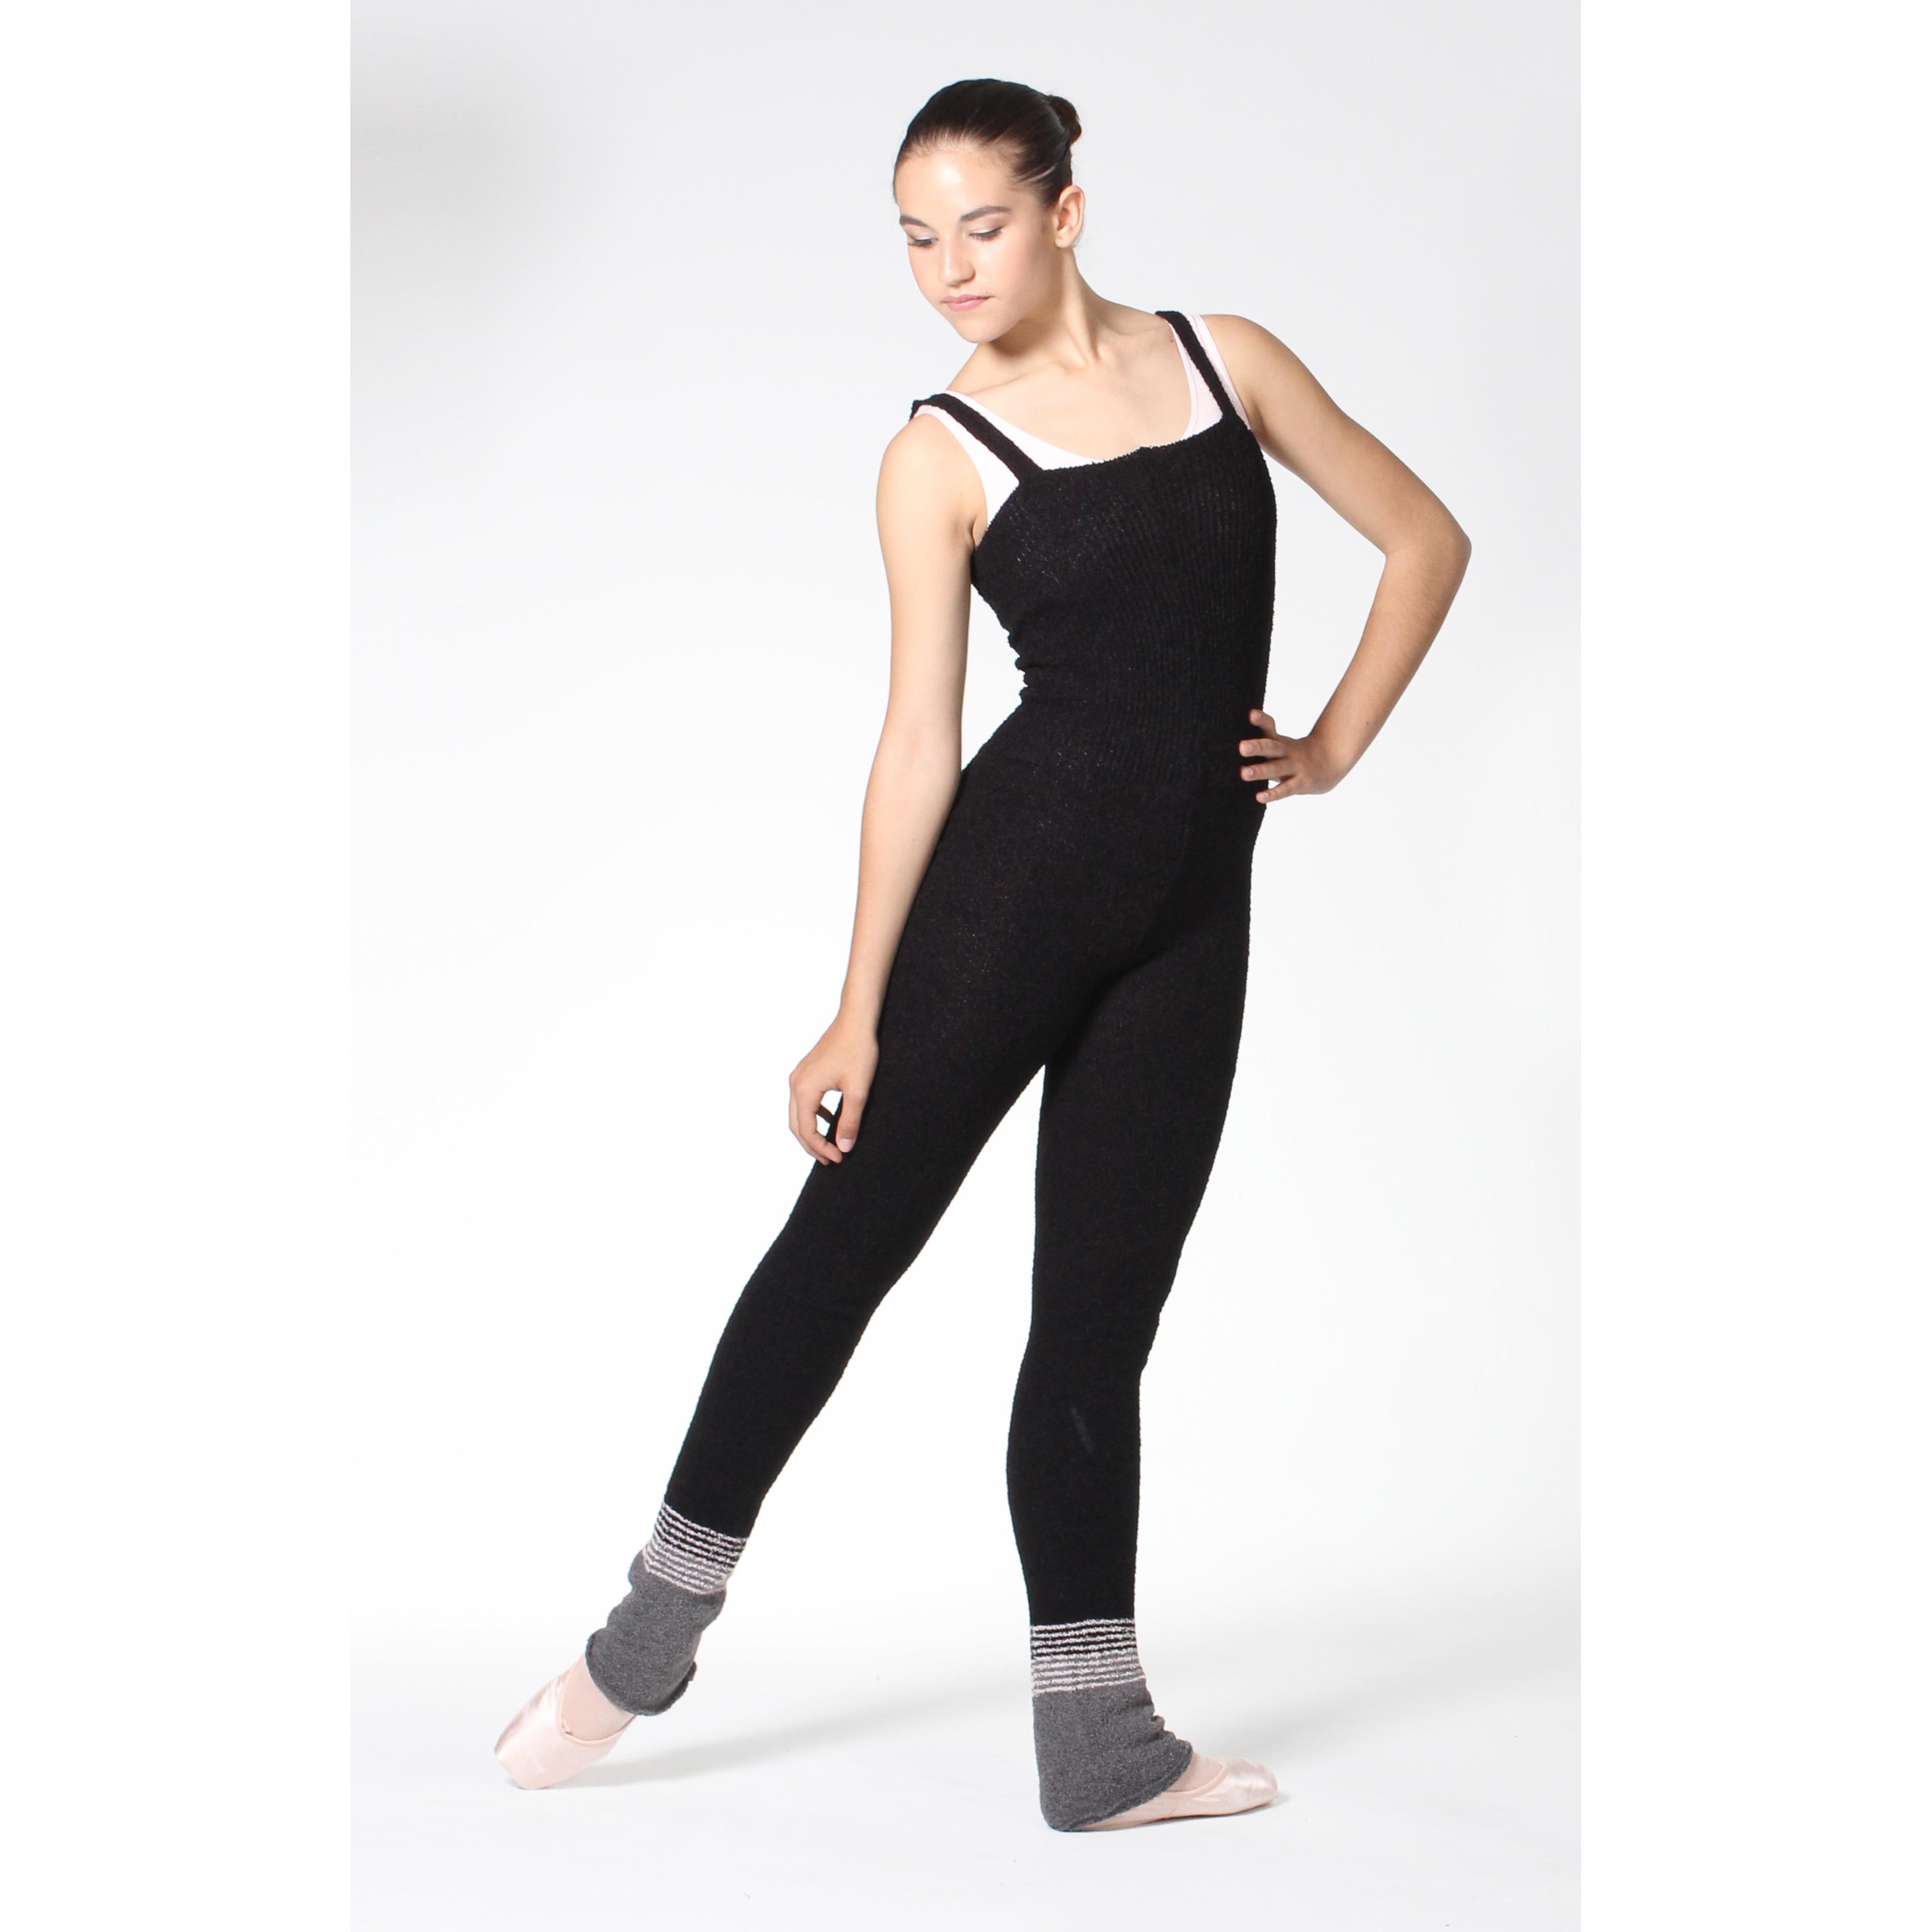 Académique en lainage INTERMEZZO 4124, pour l'échauffement de danse, à bretelles.